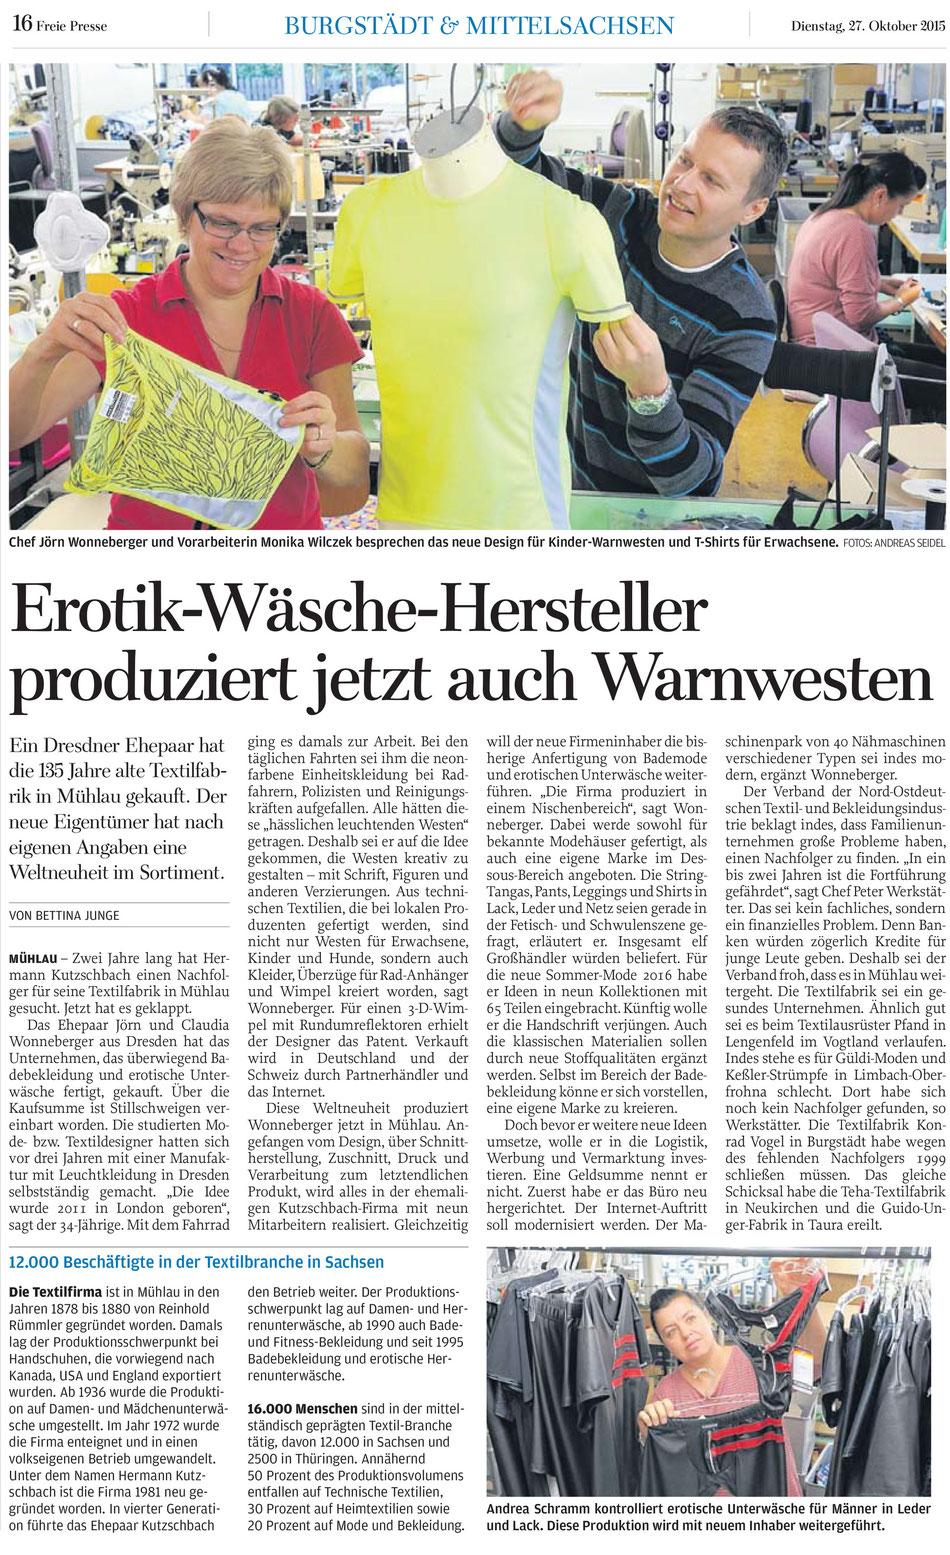 Erotik-Wäsche-Hersteller produziert jetzt auch Warnwesten. NEONON kauft die Näherei Kutzschbach in Mühlau und produziert nun auch Unterwäsche unter der Marke Robinson und nimmt Lohnarbeit für Badebekleidung, Unterwäsche und Trikotagen an.